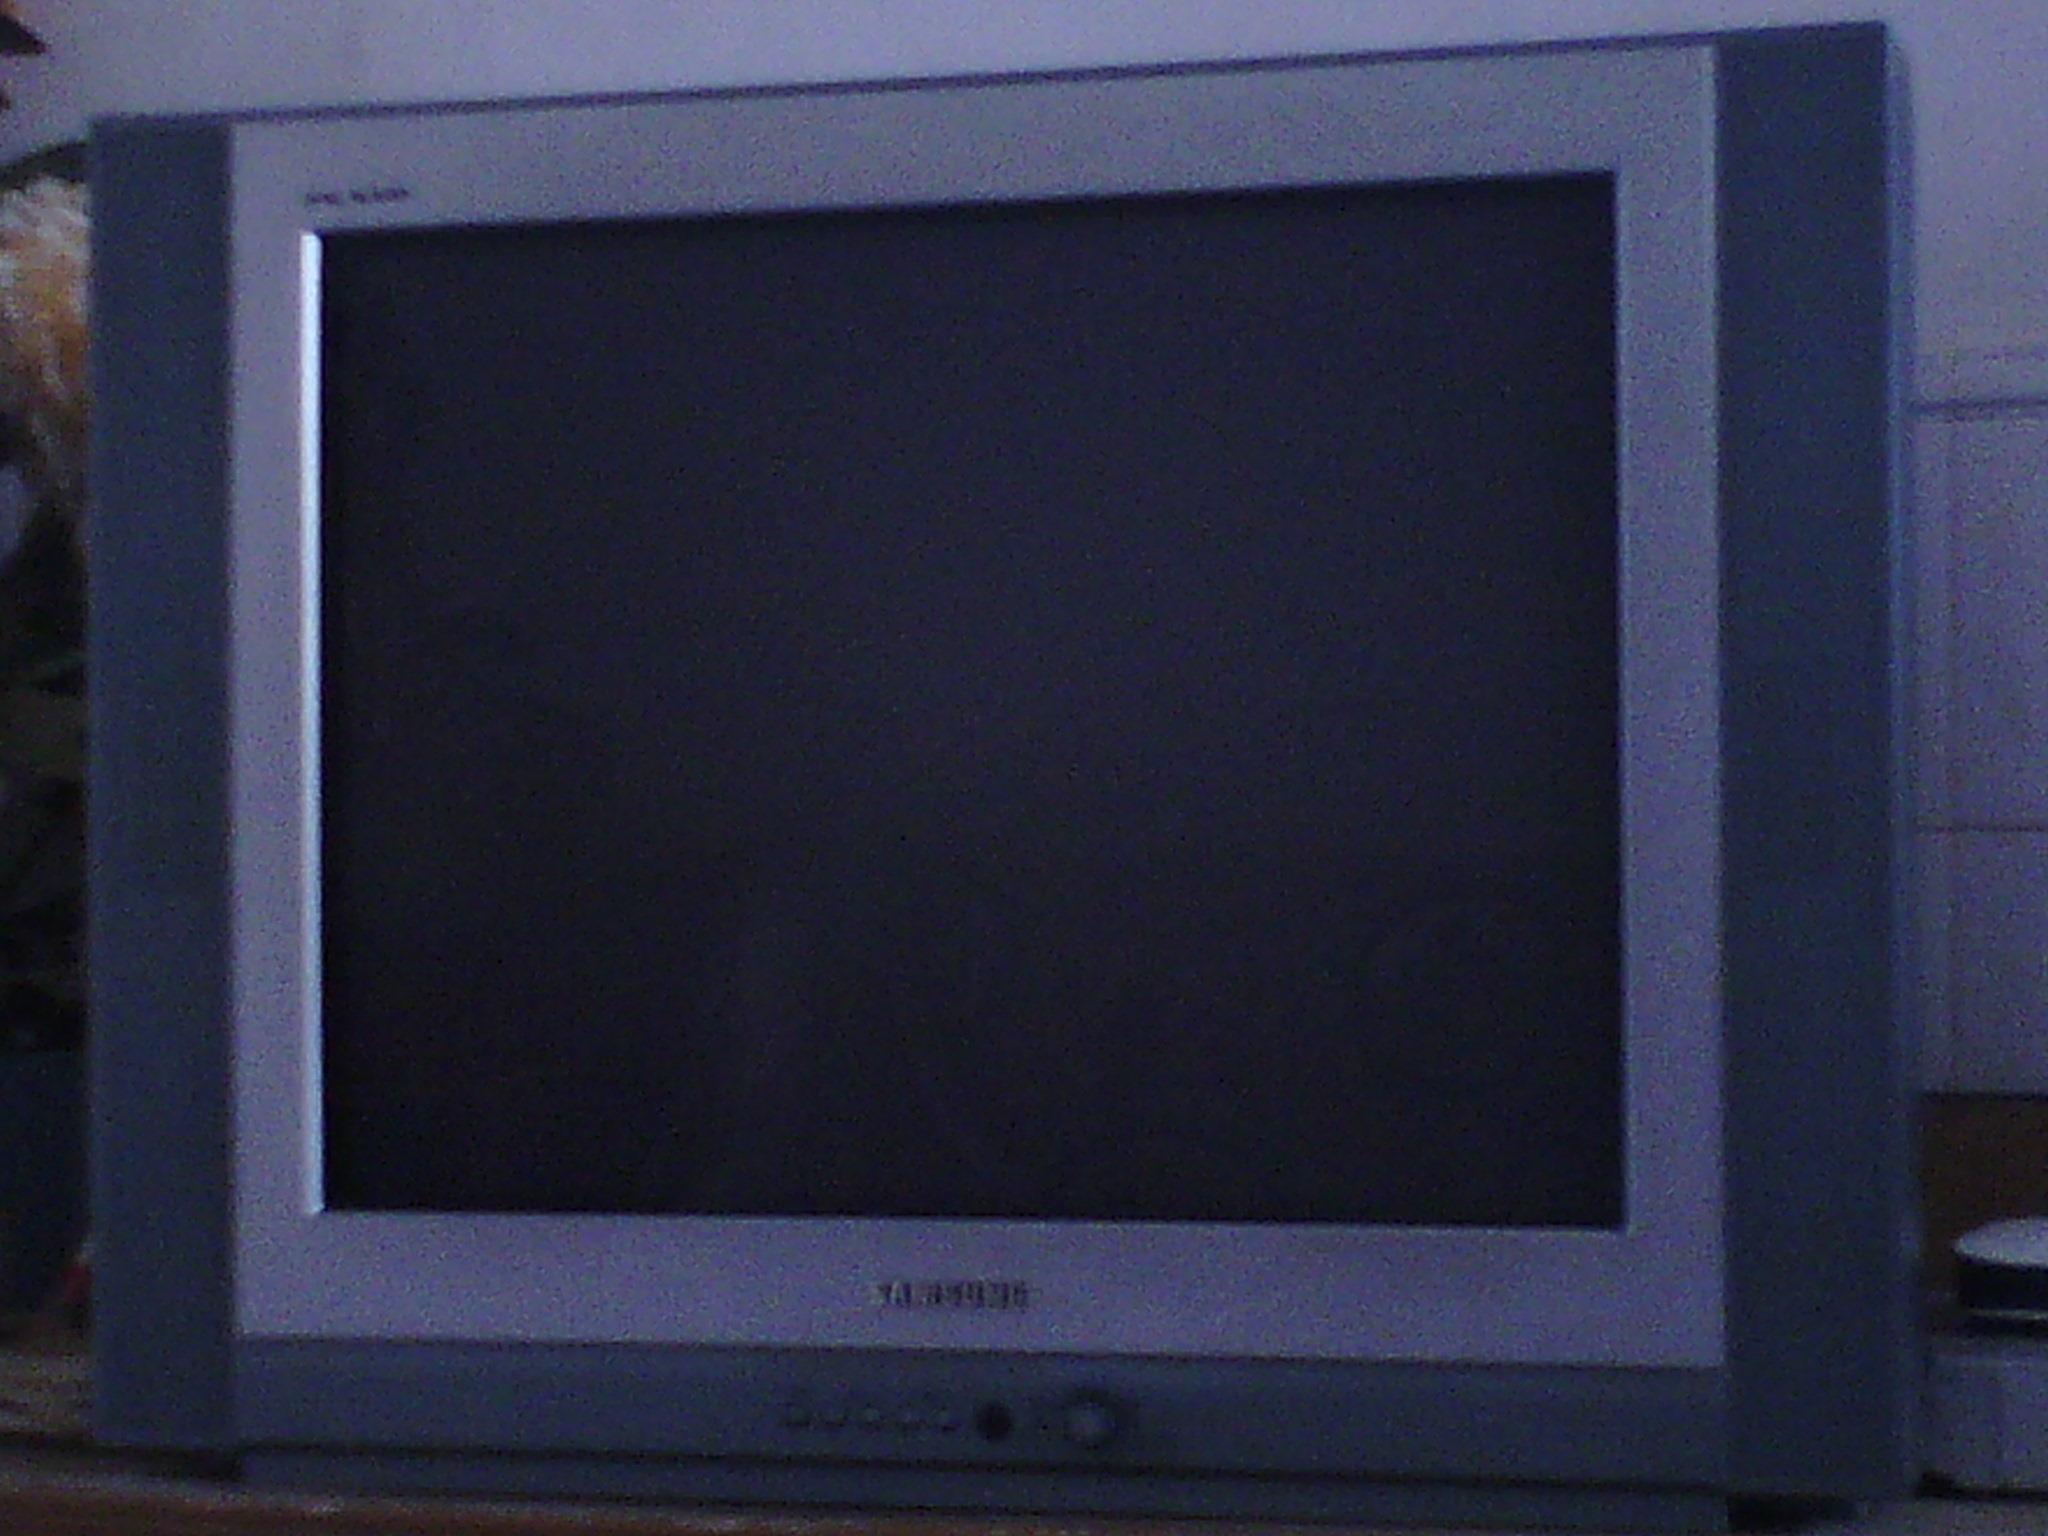 三星29寸纯平电视转让